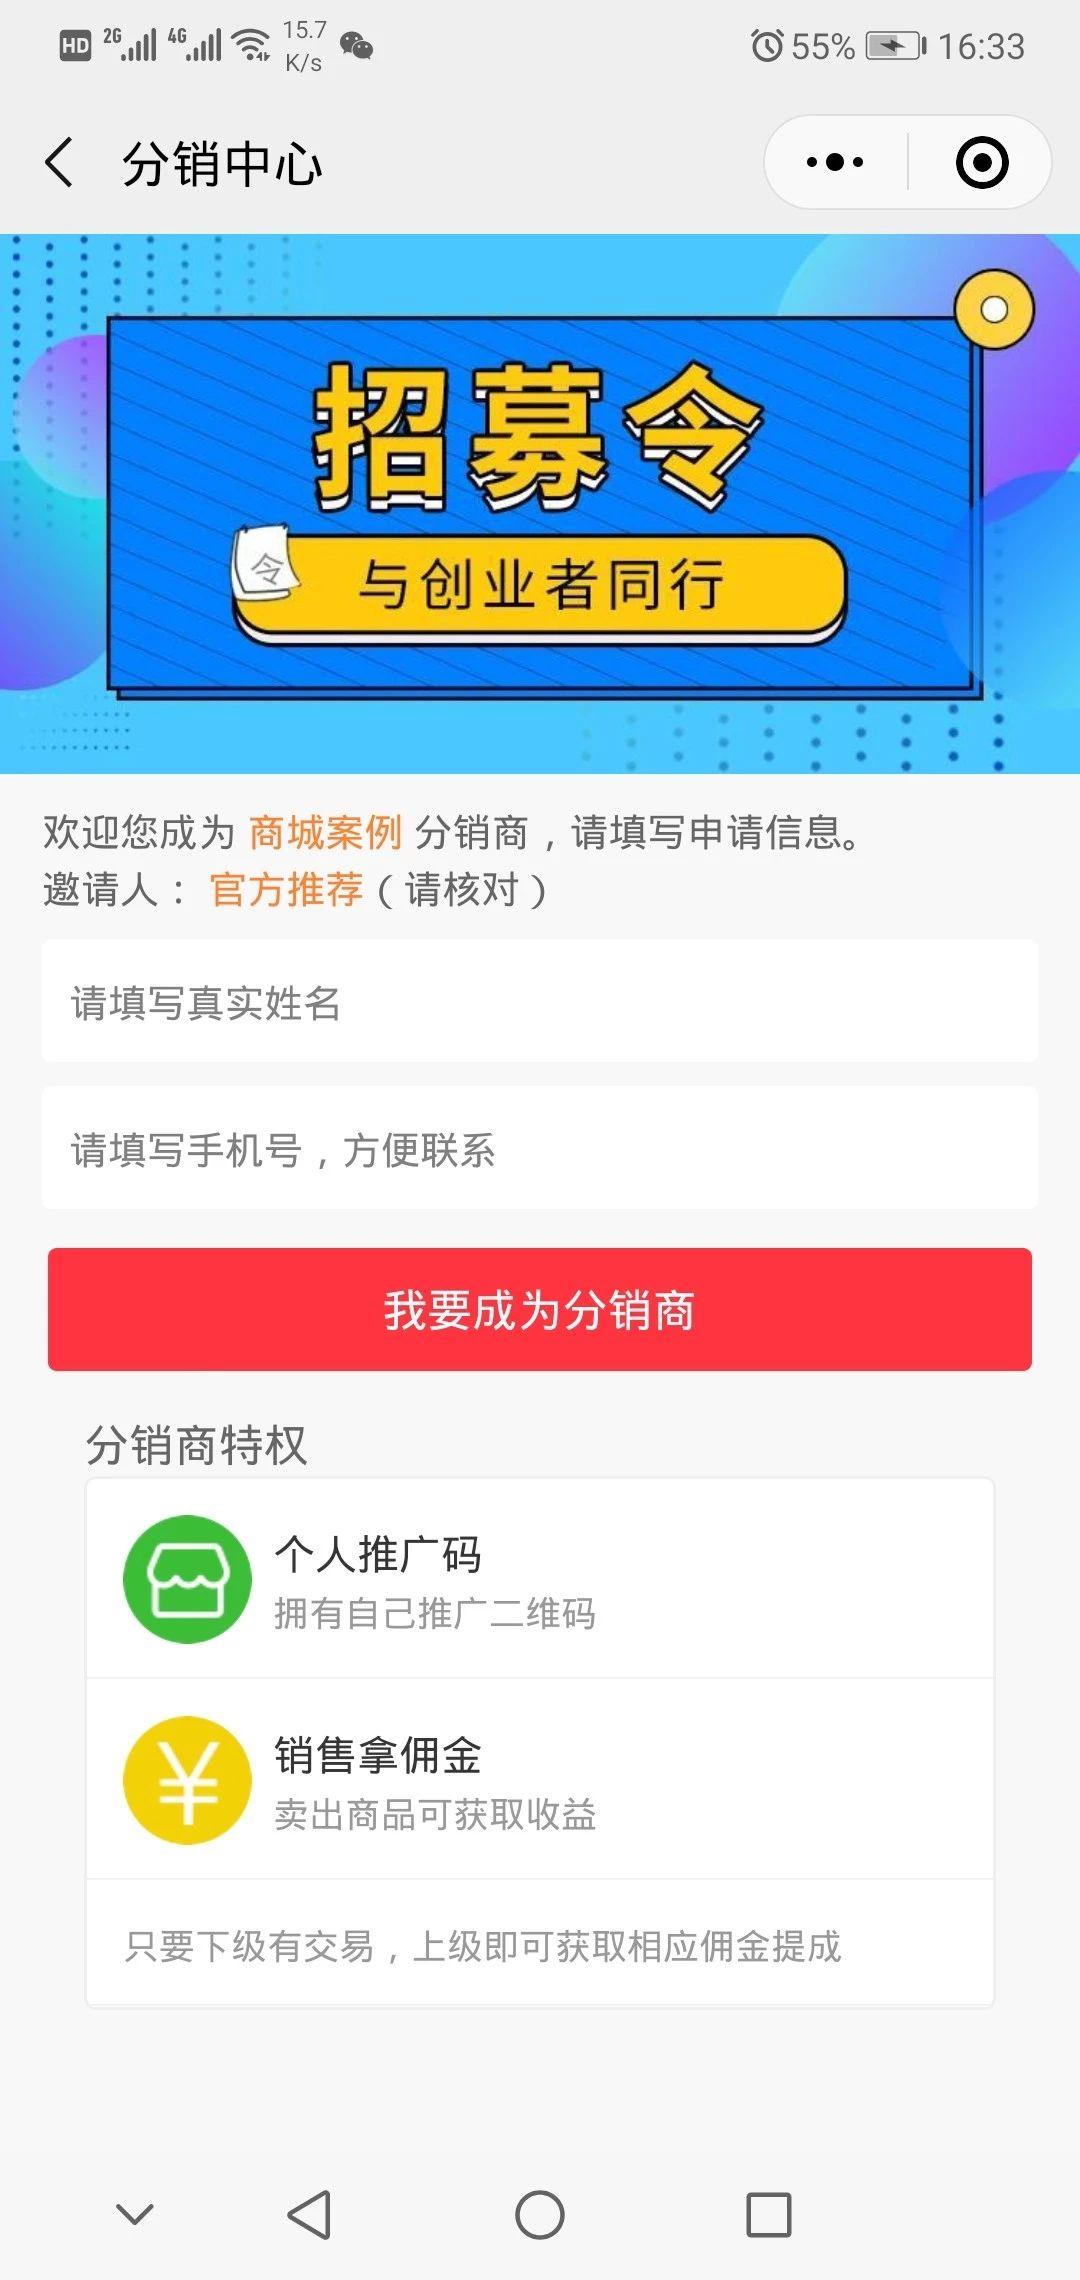 天店通·电商平台